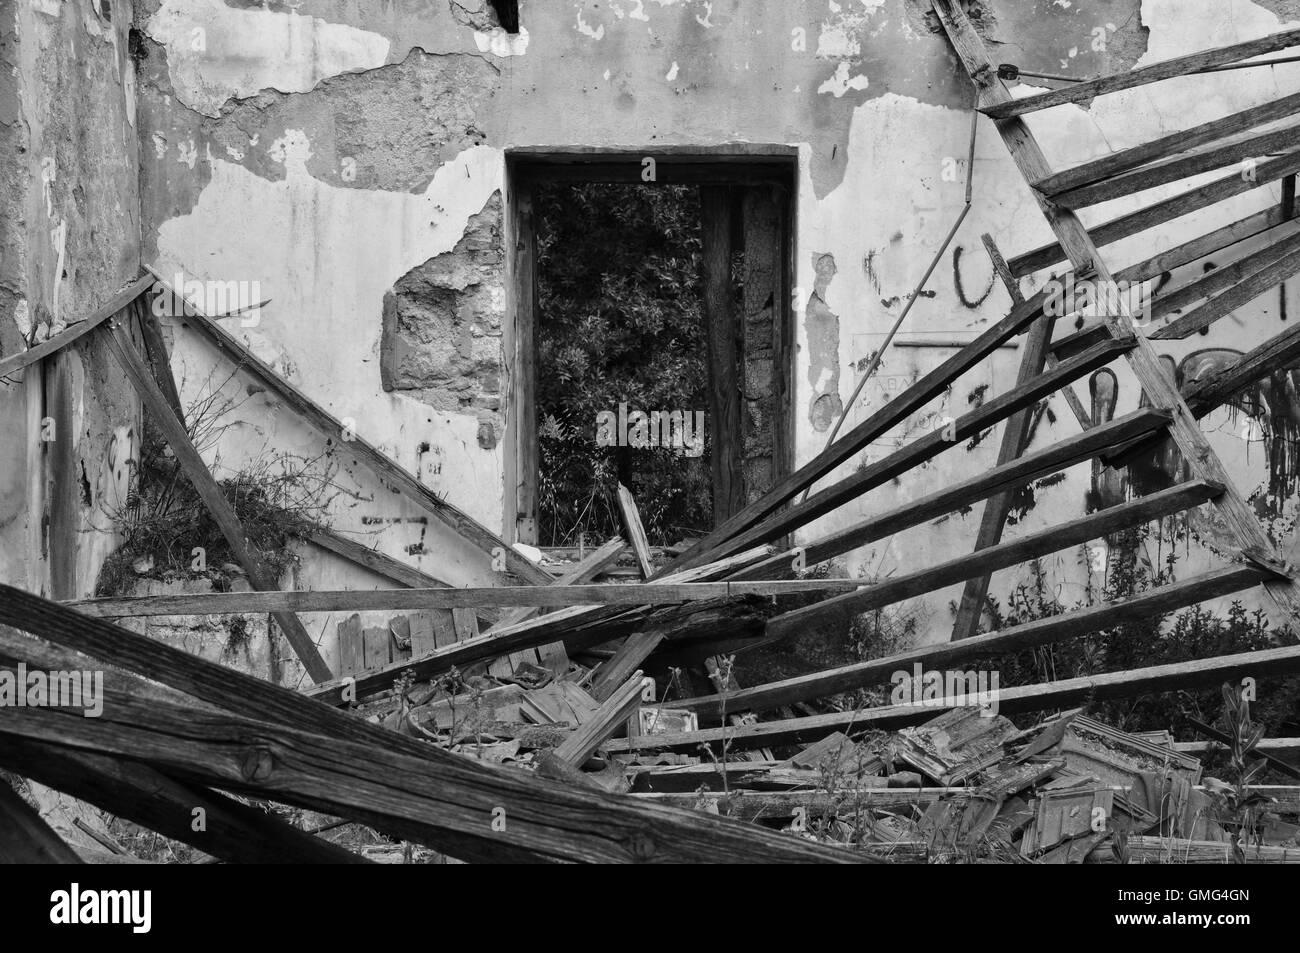 Crollo del tetto scheggiati muri interni e la finestra di una casa abbandonata. In bianco e nero. Foto Stock